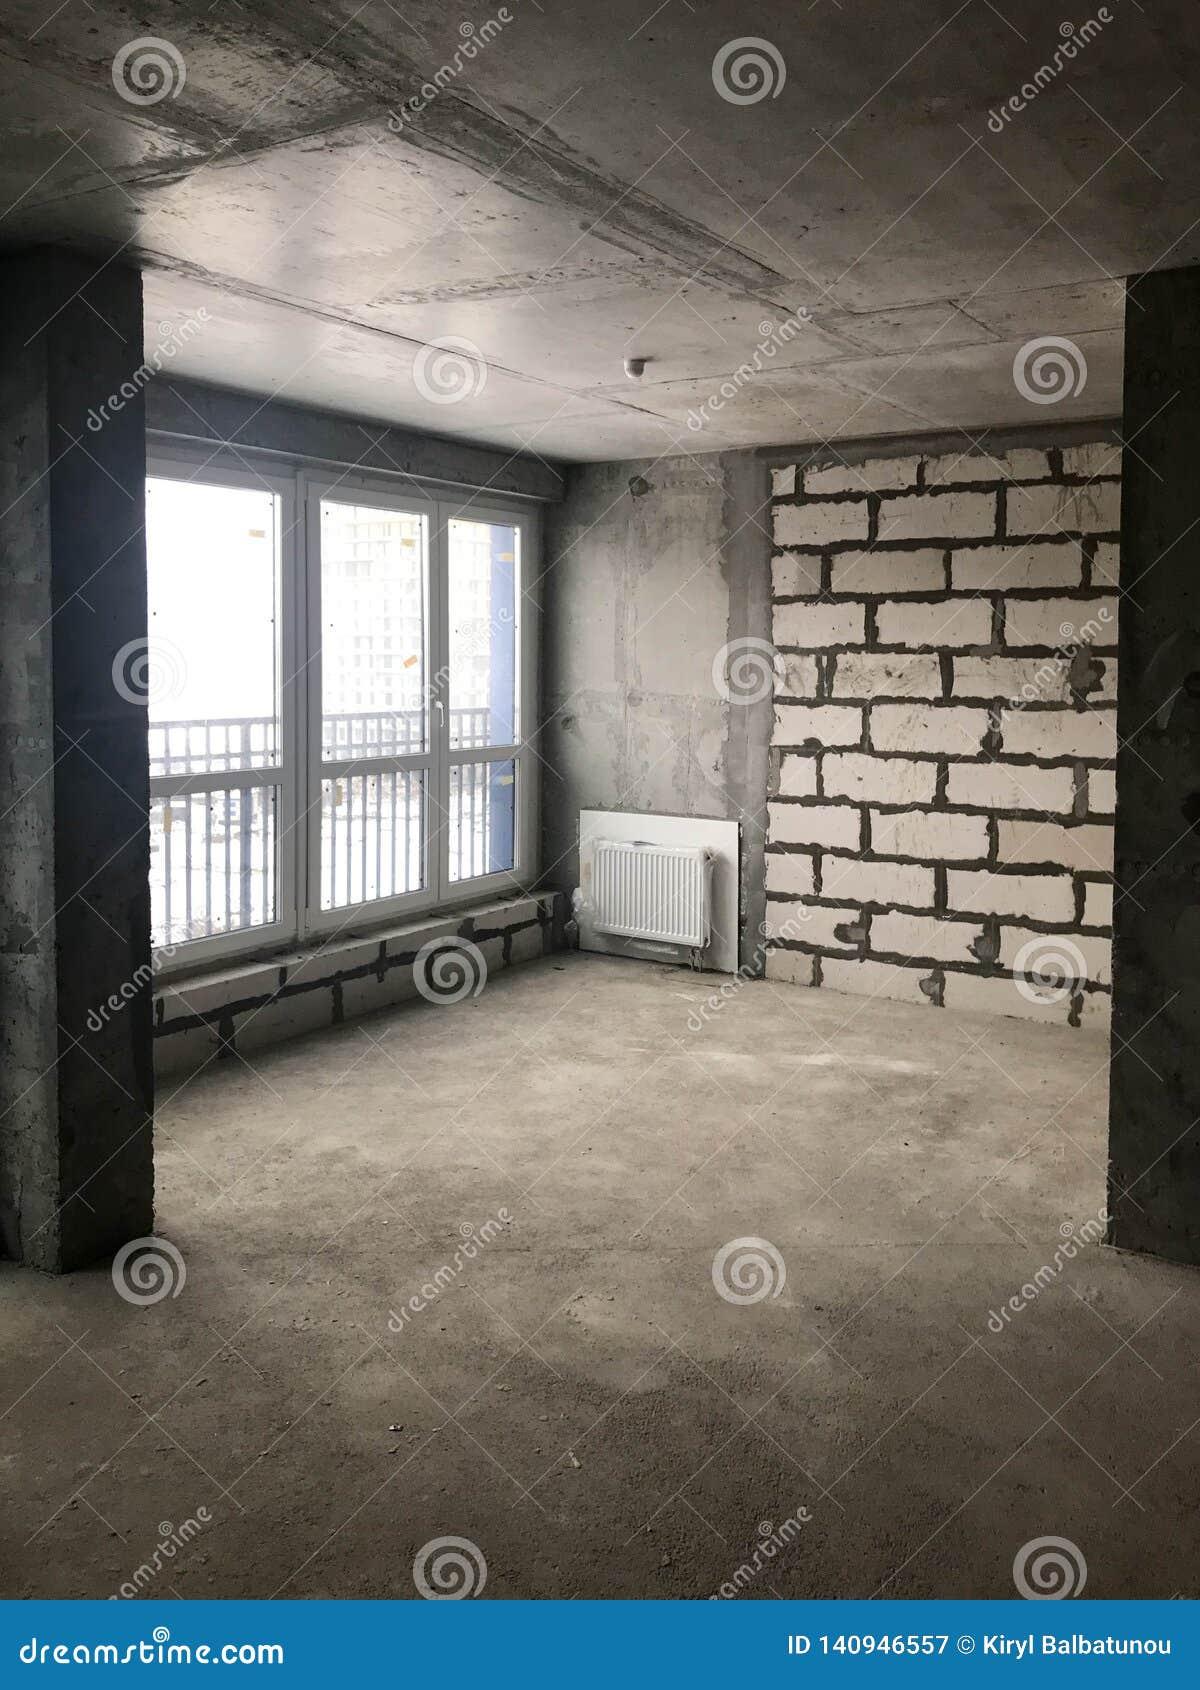 Το διαμέρισμα στο νέο κτήριο με ένα ελεύθερο σχεδιάγραμμα χωρίς επισκευή και τη διακόσμηση με τους γυμνούς τοίχους ένα μεγάλο παν